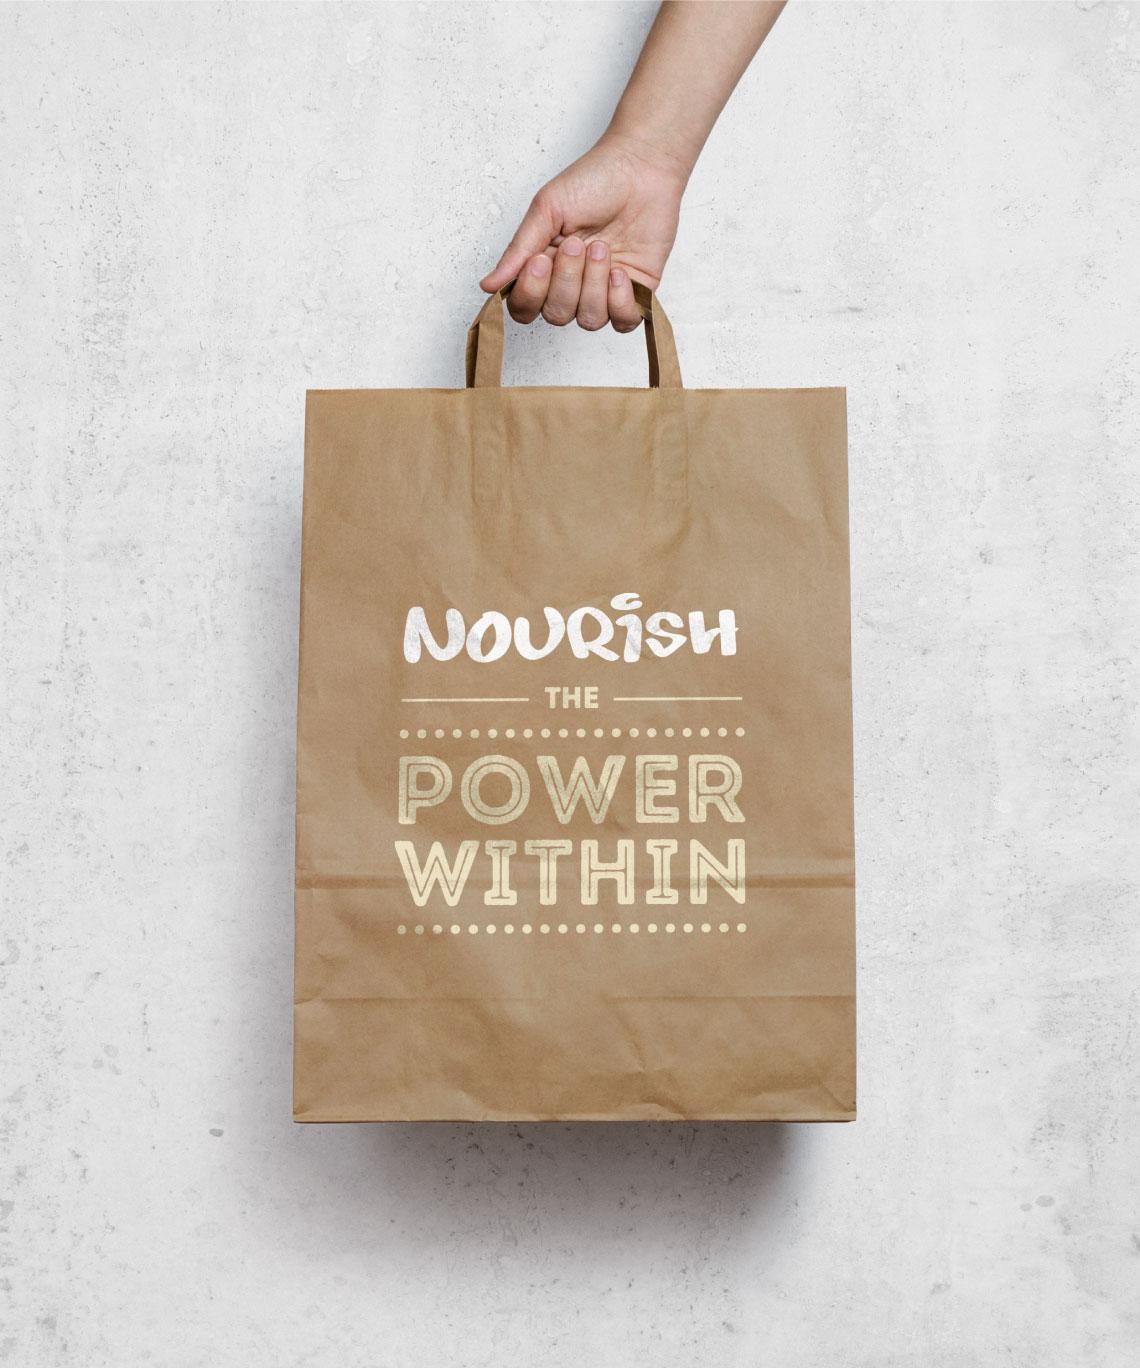 Nourish_PaperBag